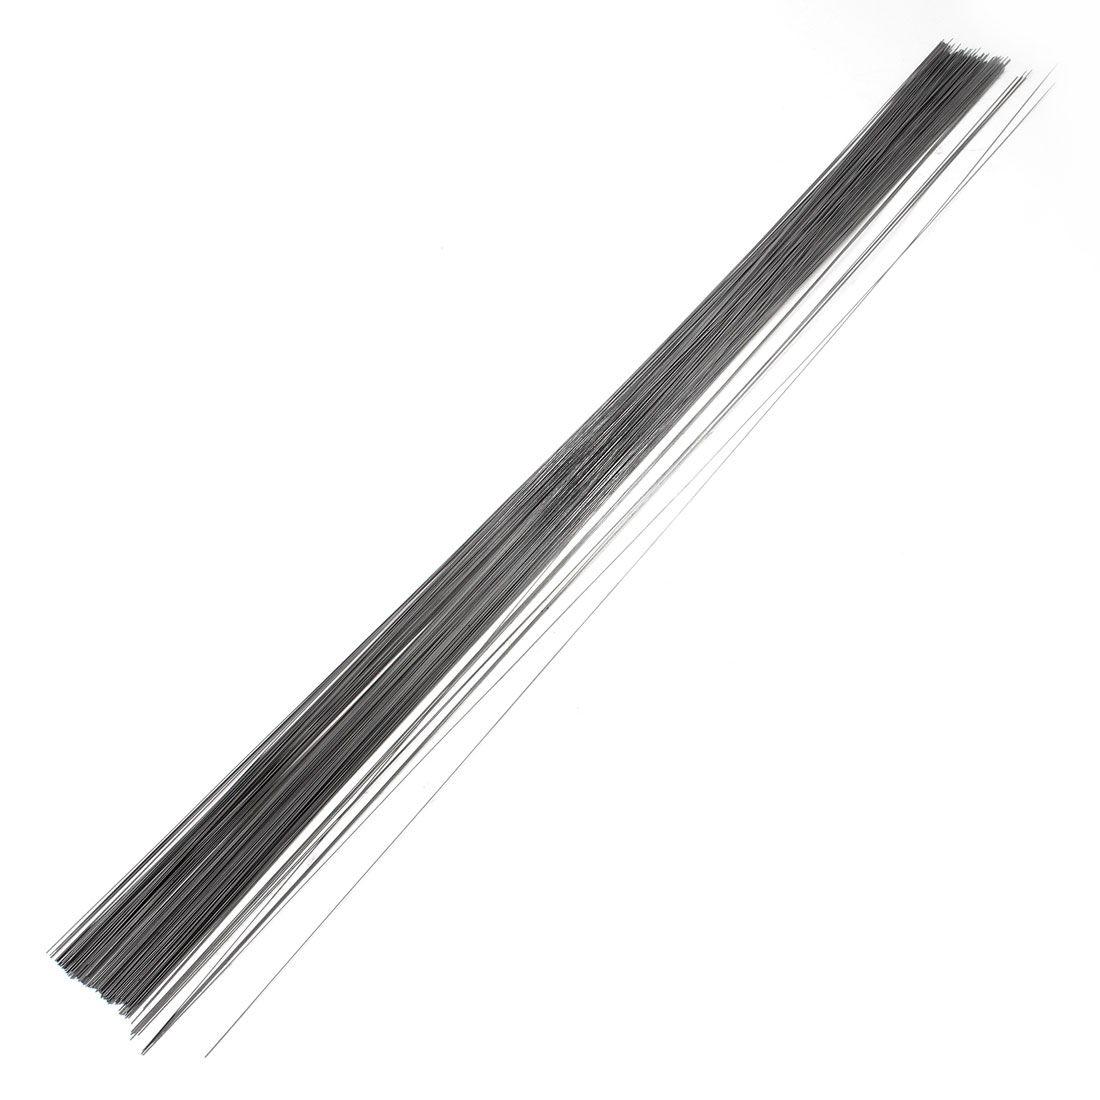 TIG Welding Cerium Tungsten Electrode 0.3mm x 500mm 200 Pieces